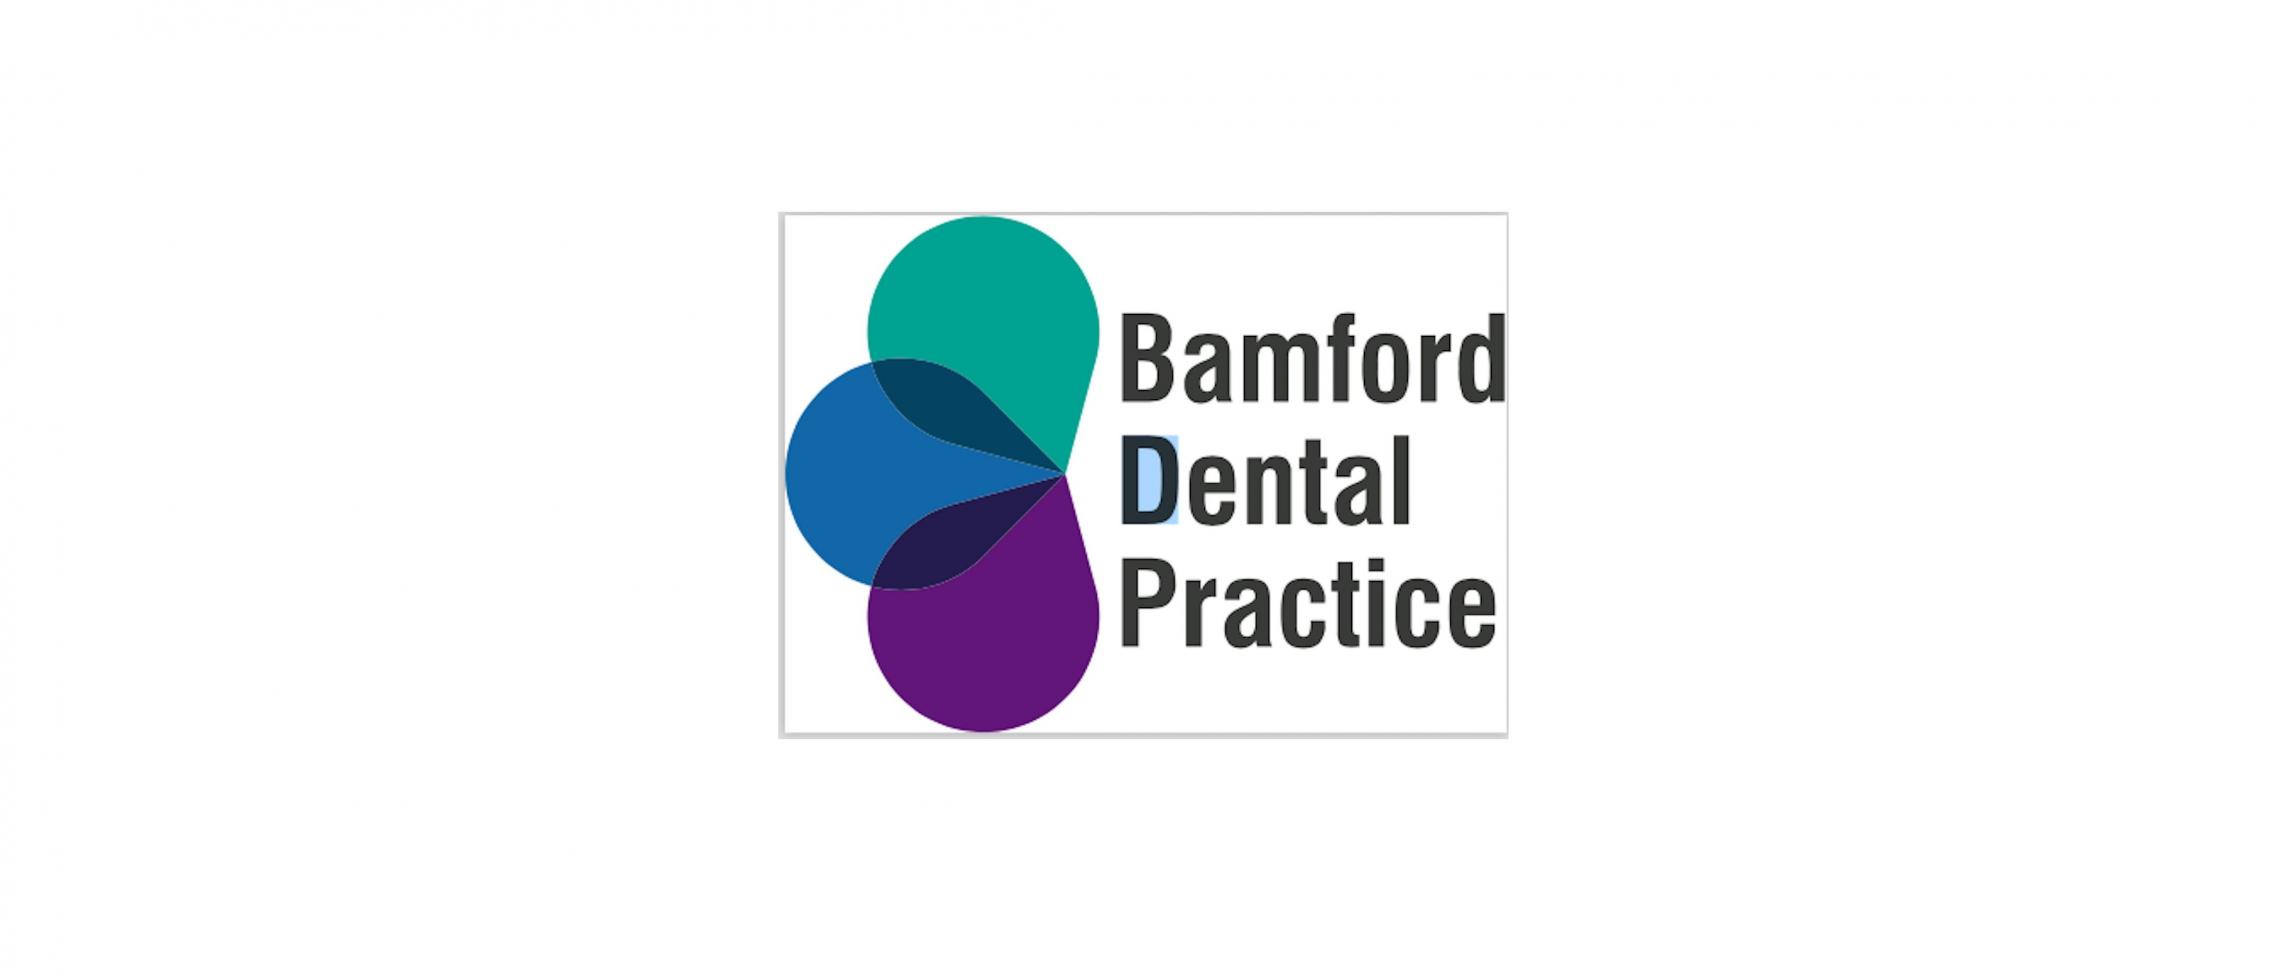 Bamford Dental Practice - The MiSmile Network